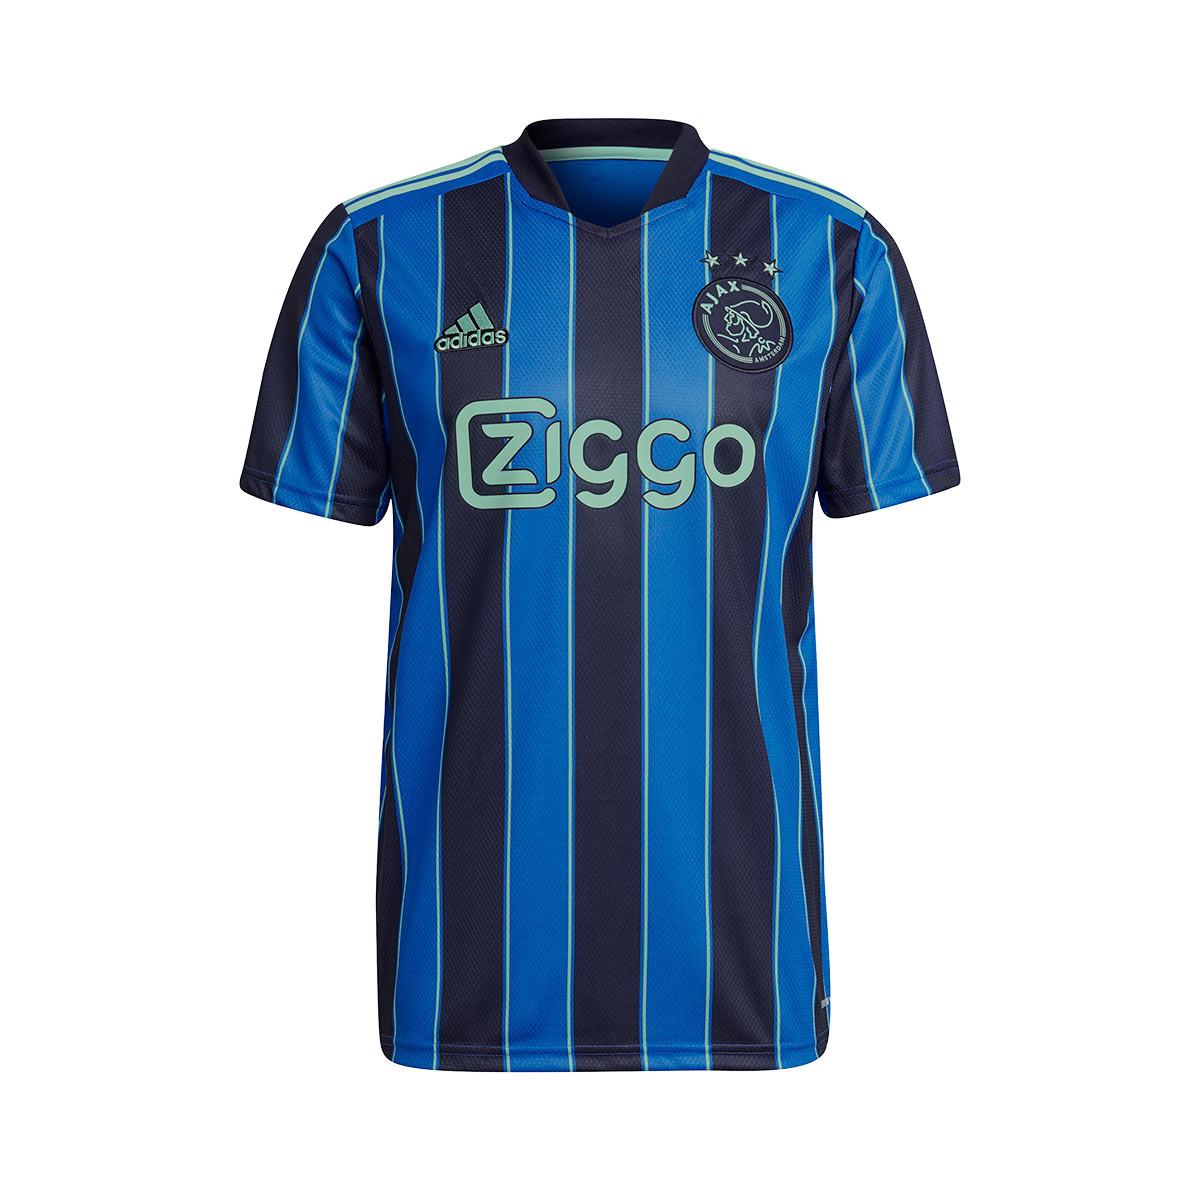 adidas Ajax Away Jersey 2021-2022 Jersey